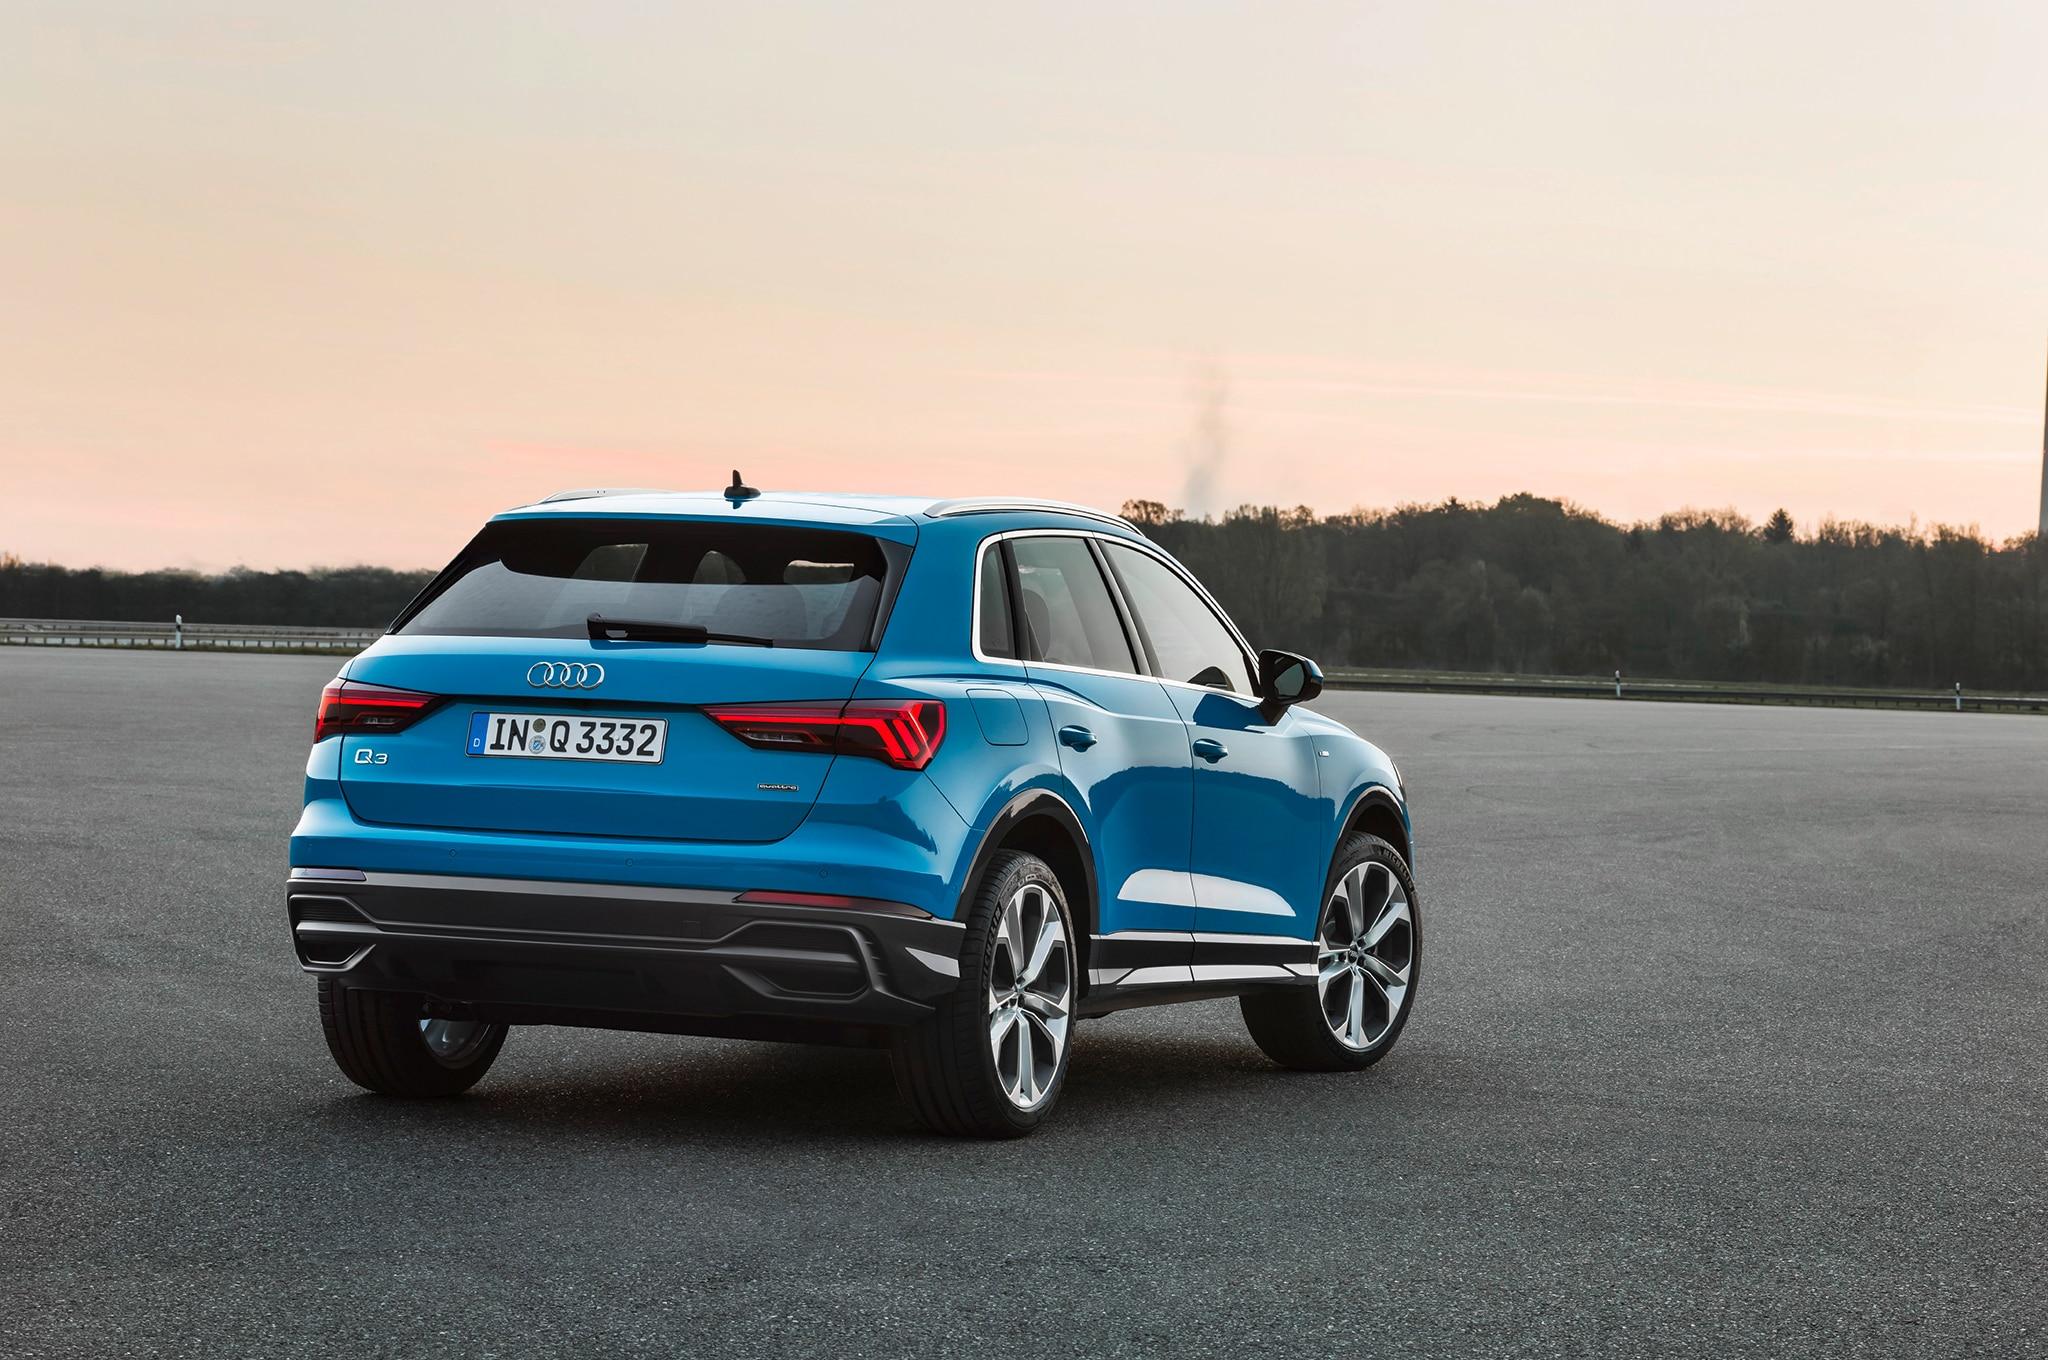 2019 Audi Q3 Rear Three Quarter 04